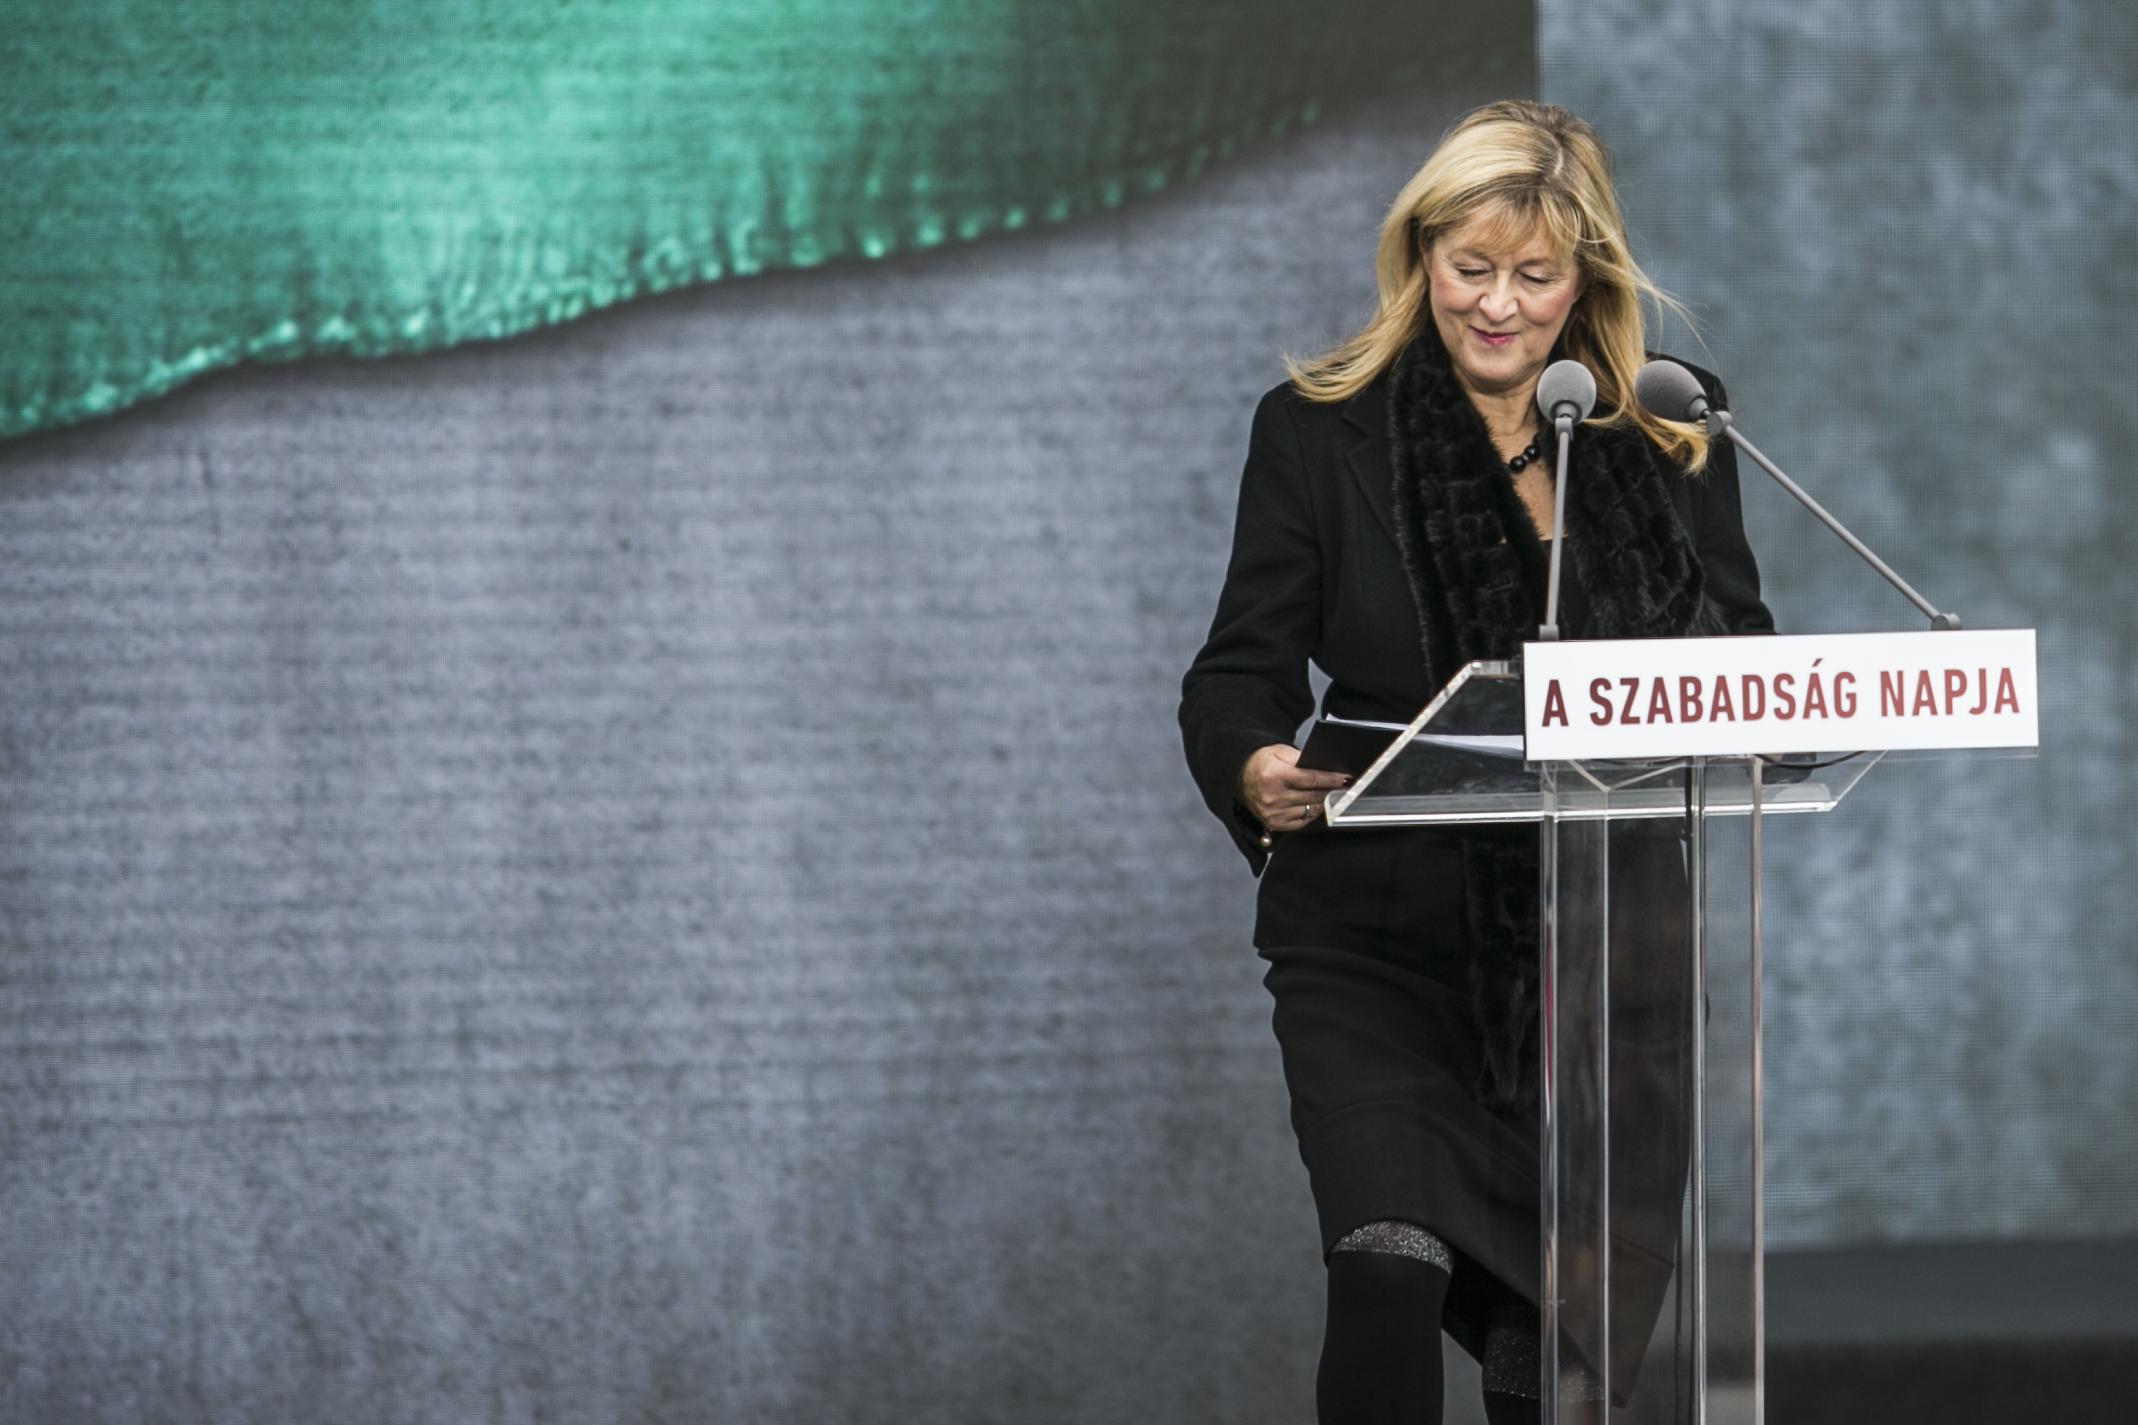 Schmidt Mária közalapítványa képezheti tovább a történelemtanárokat egymilliárd forintból